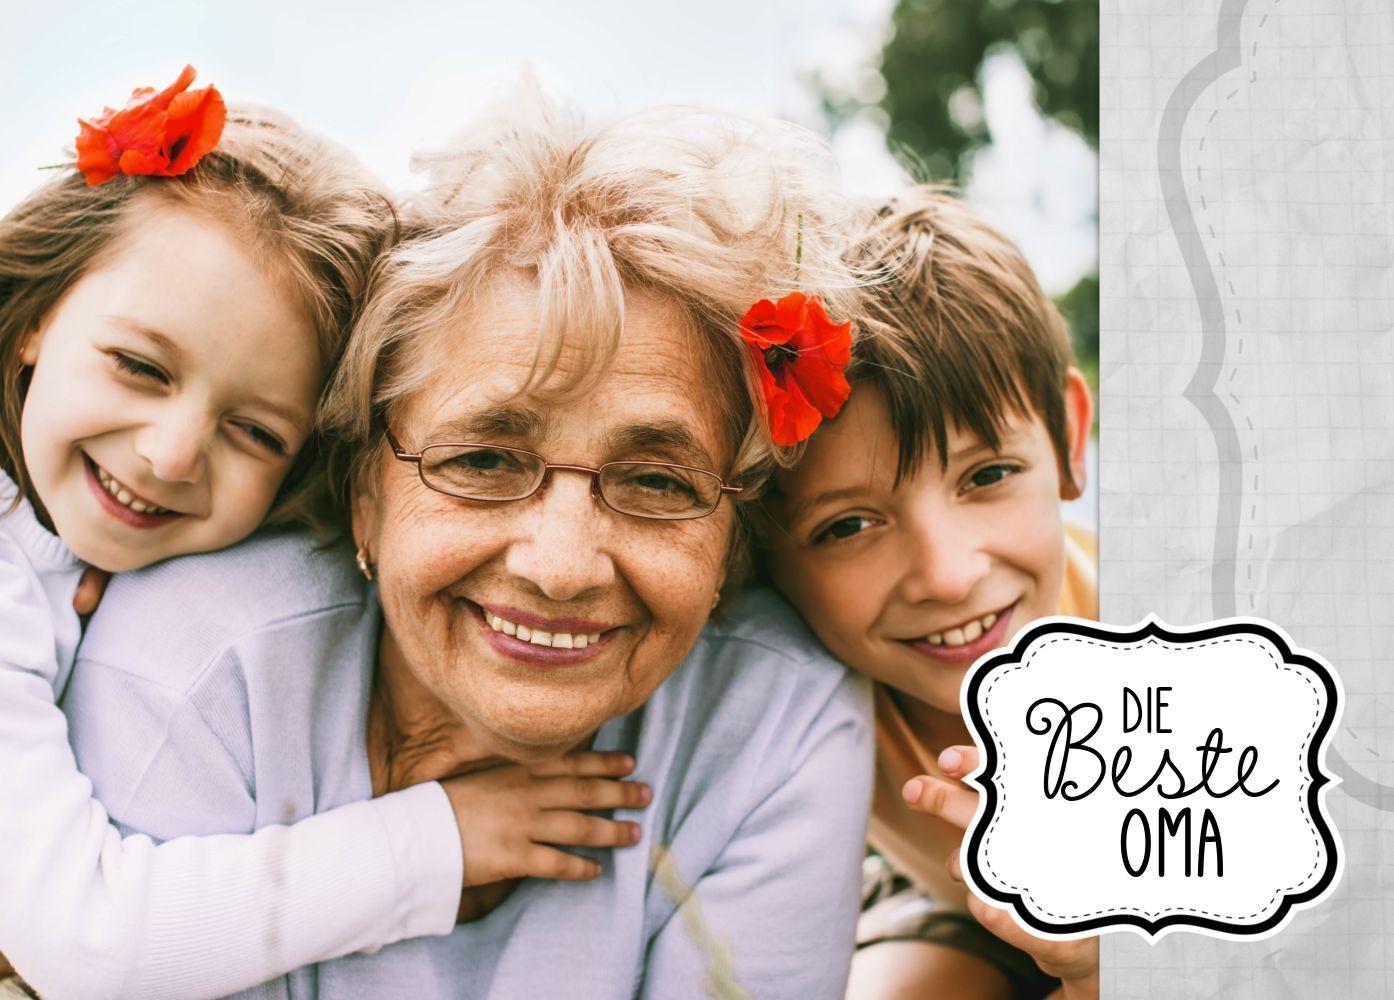 Ansicht 2 - Fotospruchkarte Beste Oma